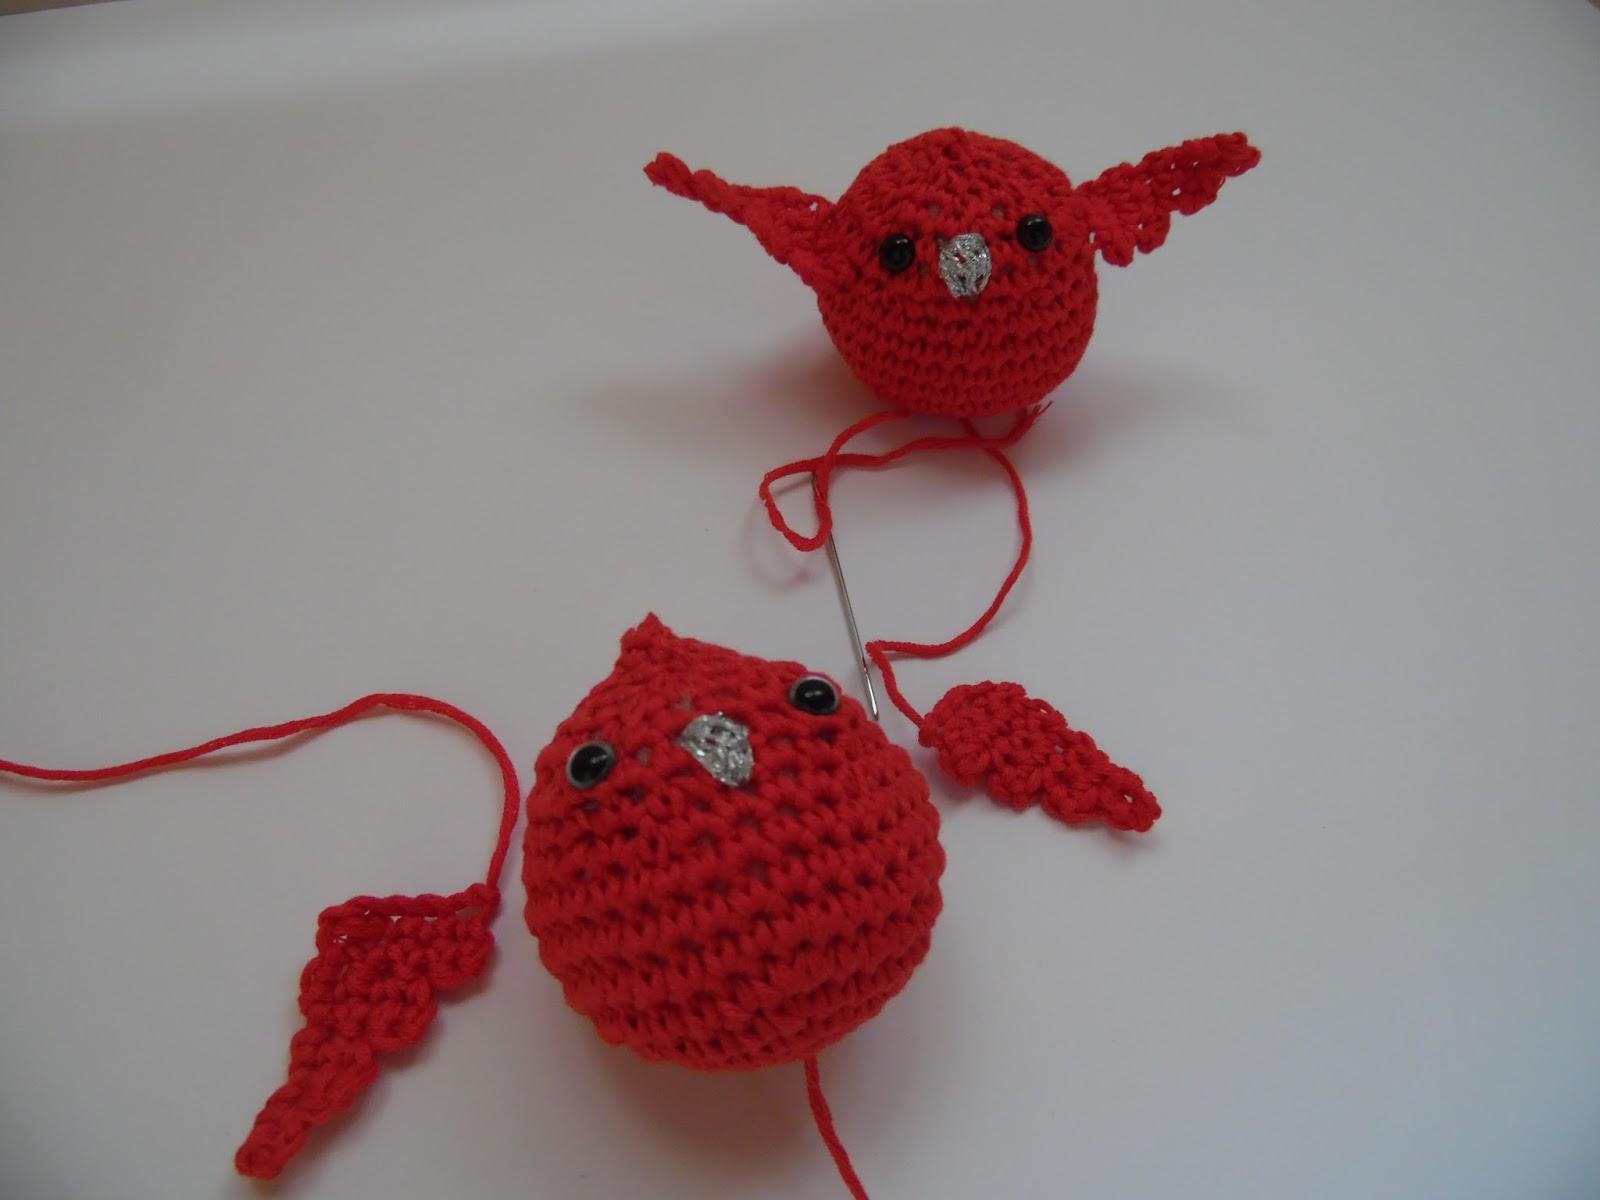 #7B161B Coton Et Gourmandises: Tuto Décoration De Noël : L'oiseau  6097 décoration de noel tuto 1600x1200 px @ aertt.com